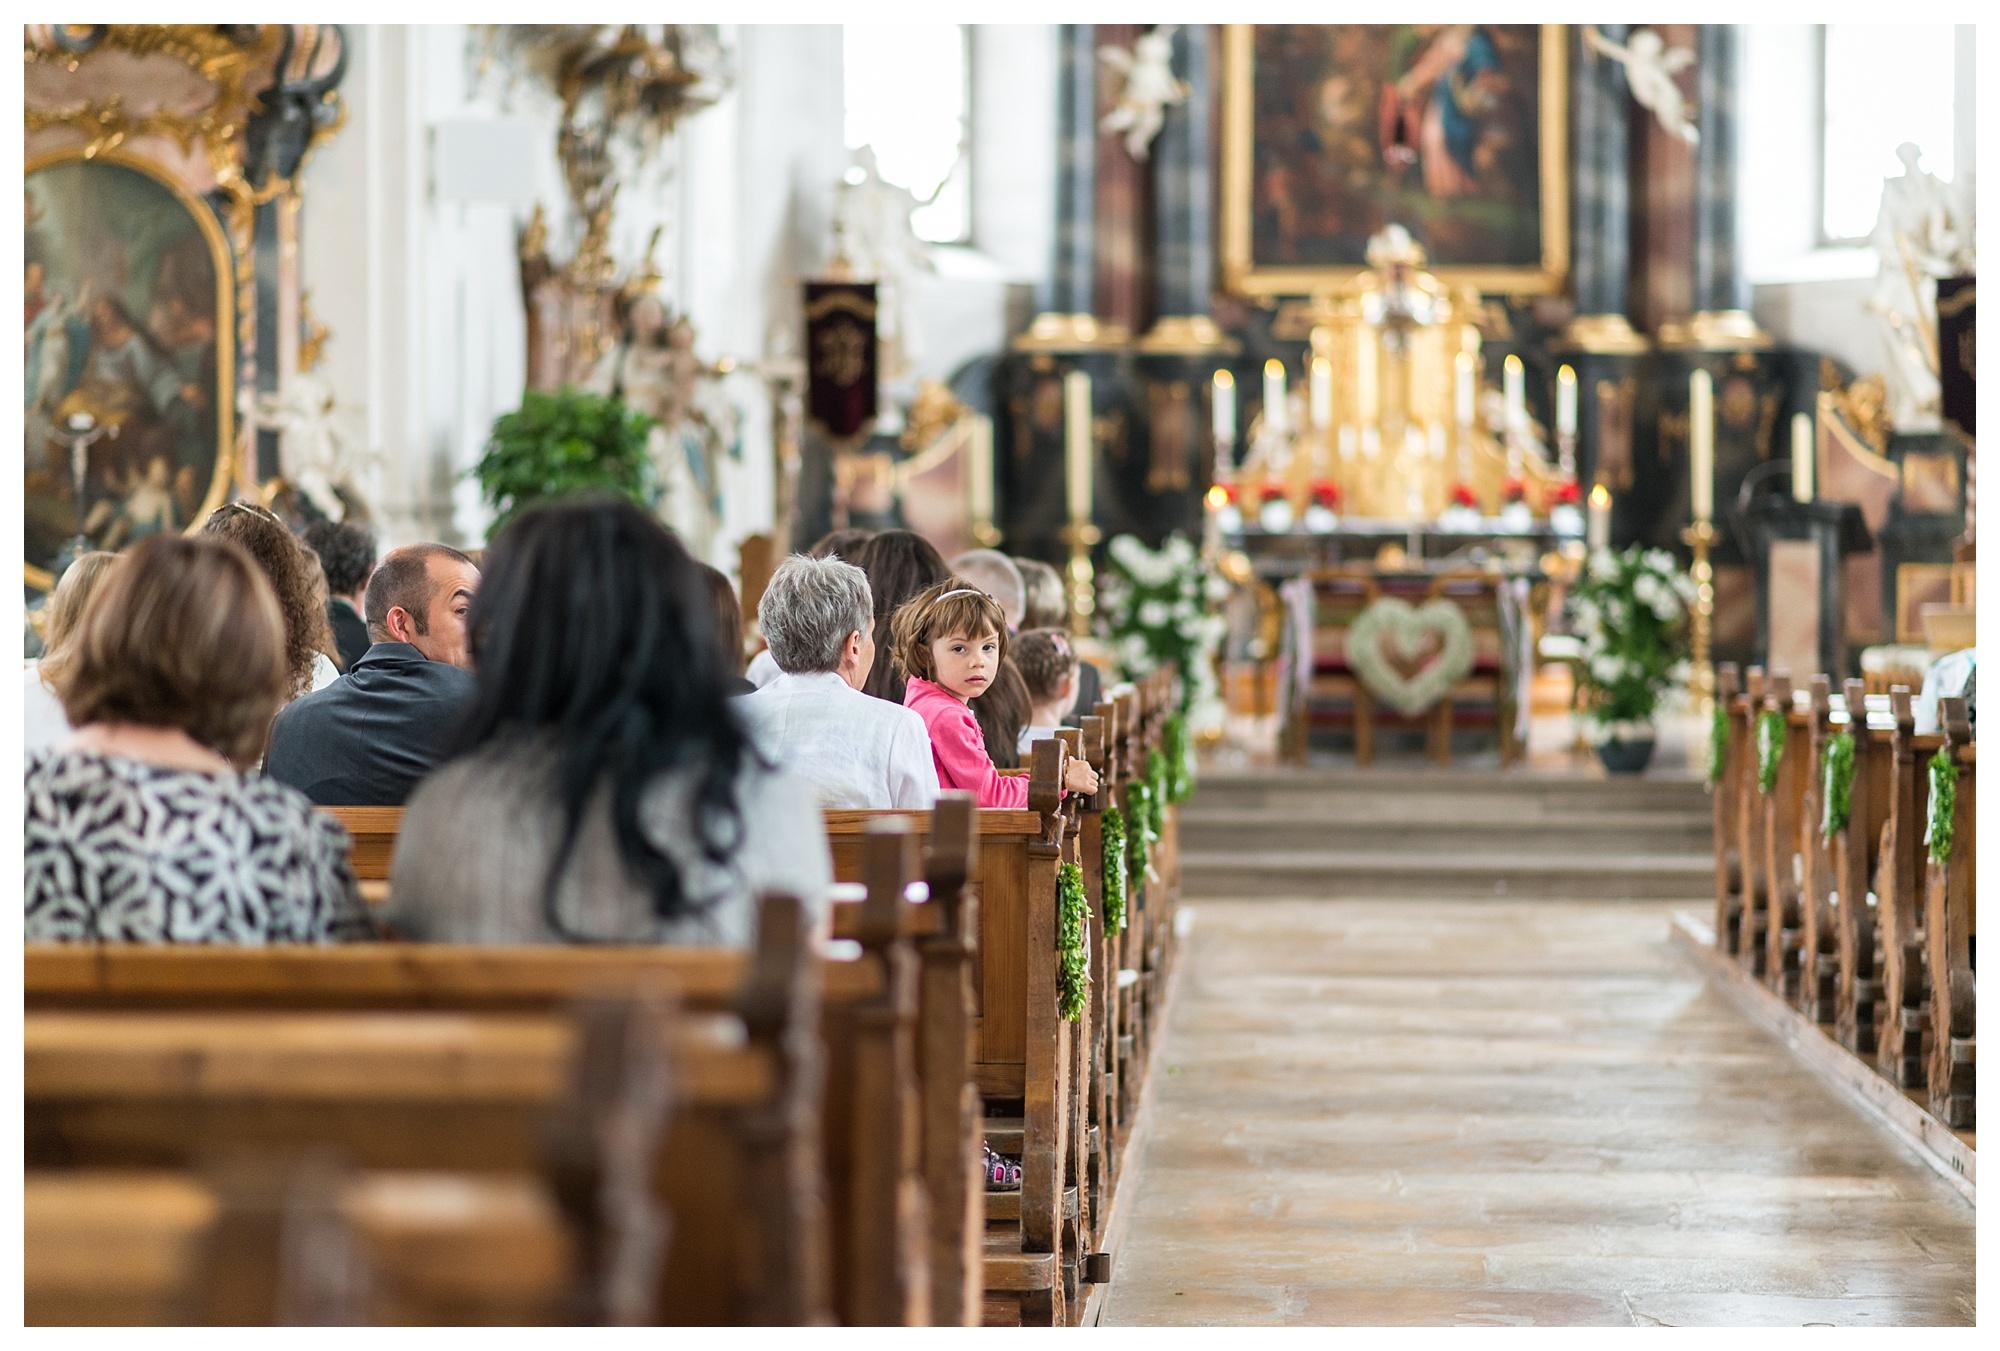 Fotograf Konstanz - Hochzeit Tanja Elmar Elmar Feuerbacher Photography Konstanz Messkirch Highlights 019 - Hochzeitsreportage von Tanja und Elmar im Schloss Meßkirch  - 18 -